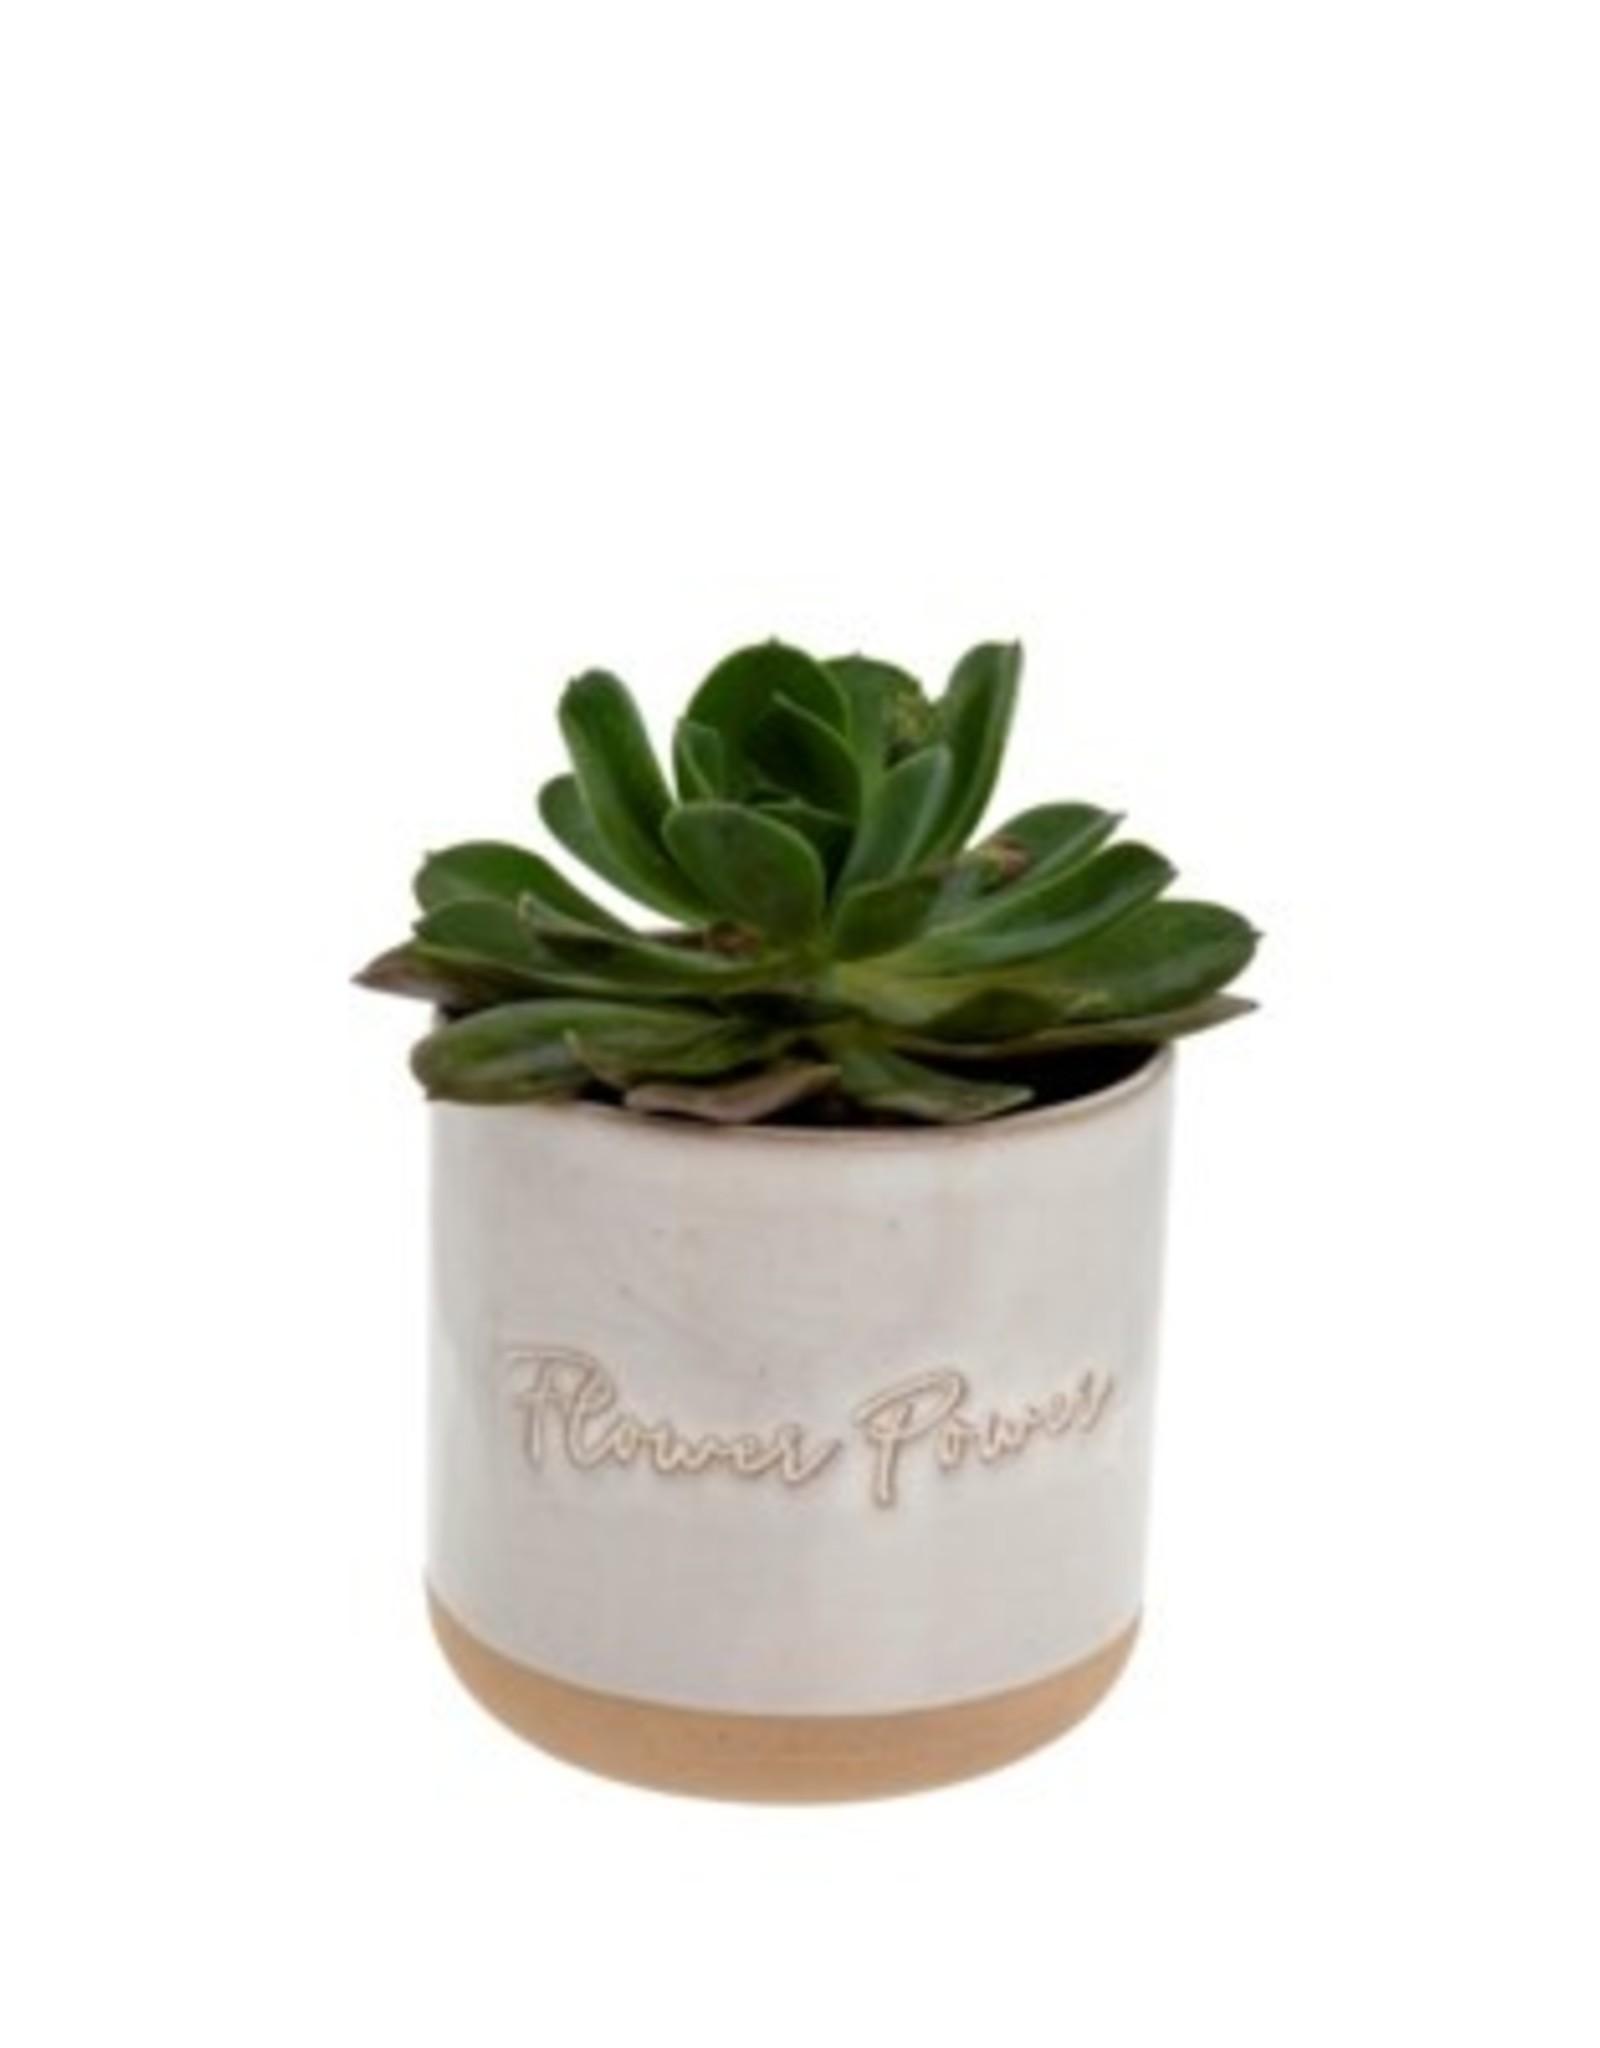 Indaba Planter Pot Indaba Flower Power  3-9311